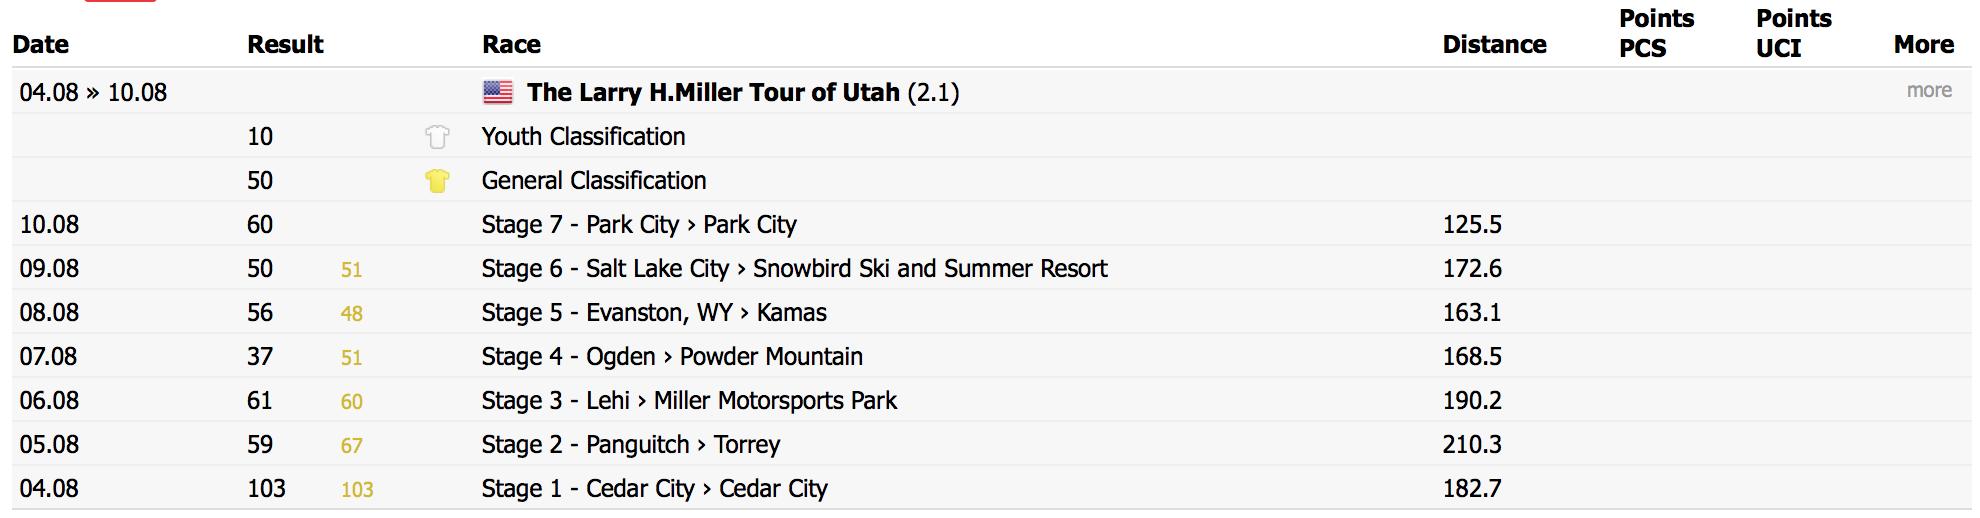 Tour of Utah 2014 results